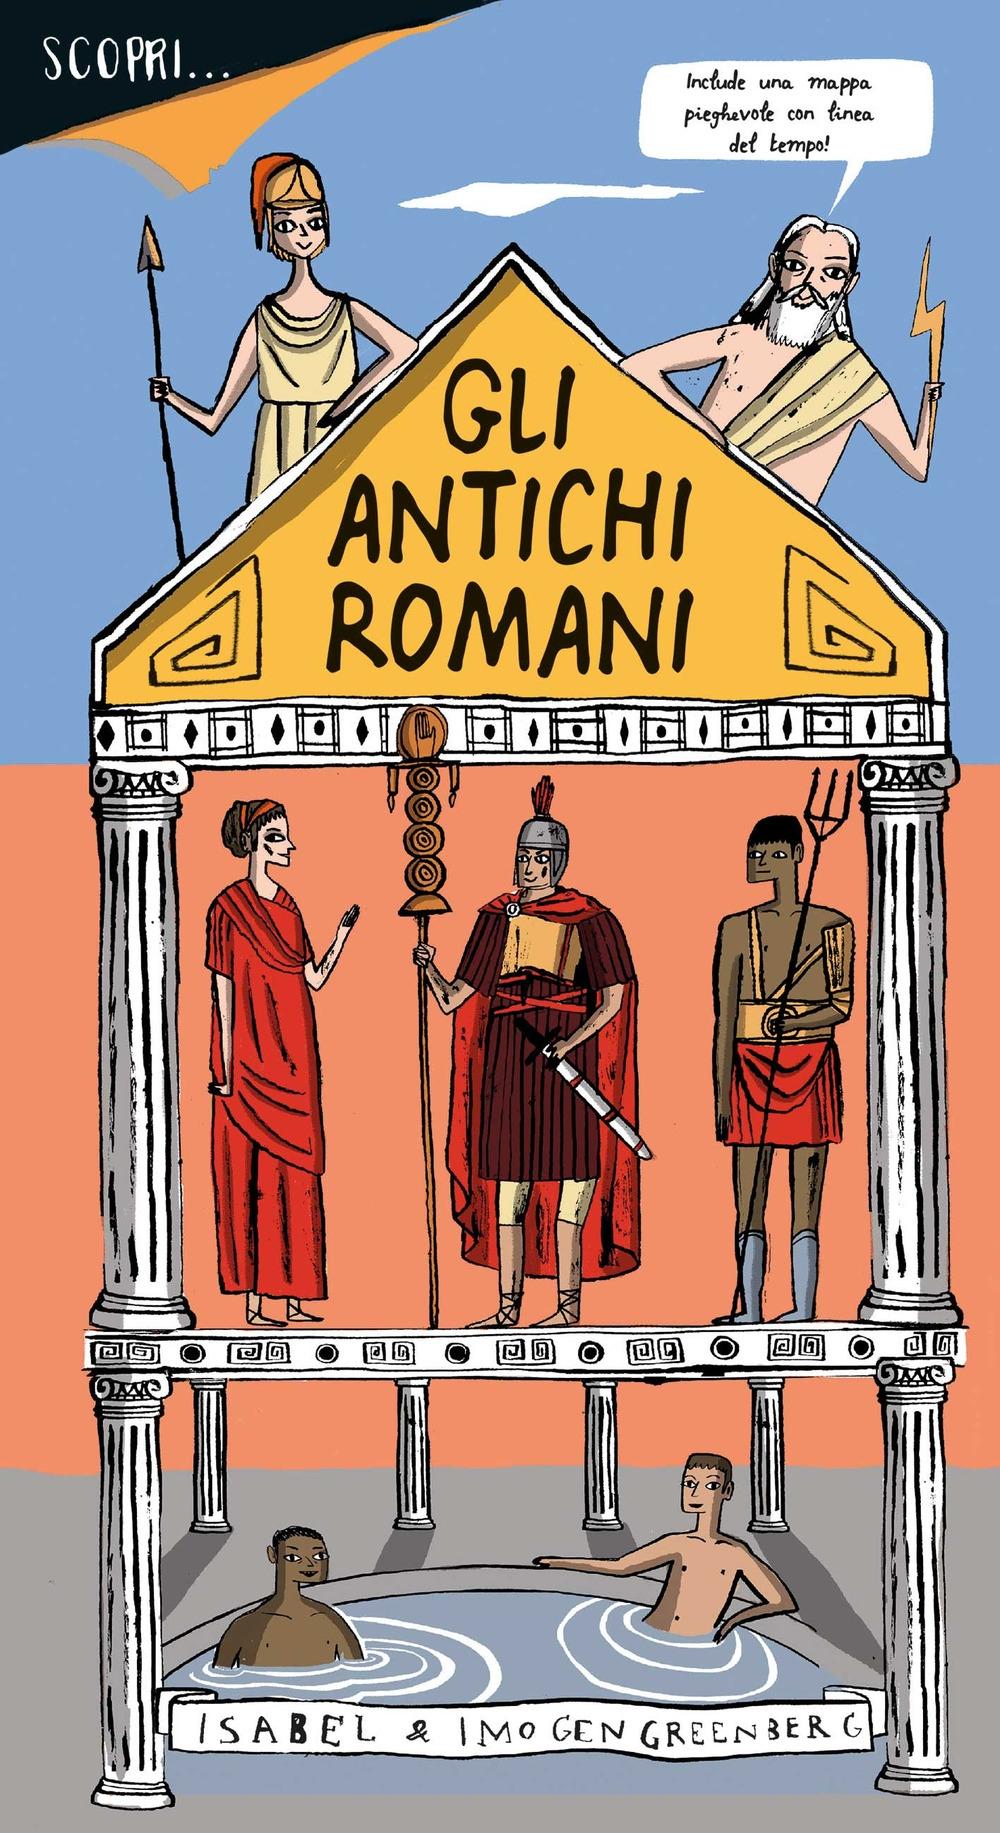 Scopri... gli antichi romani. Ediz. a colori